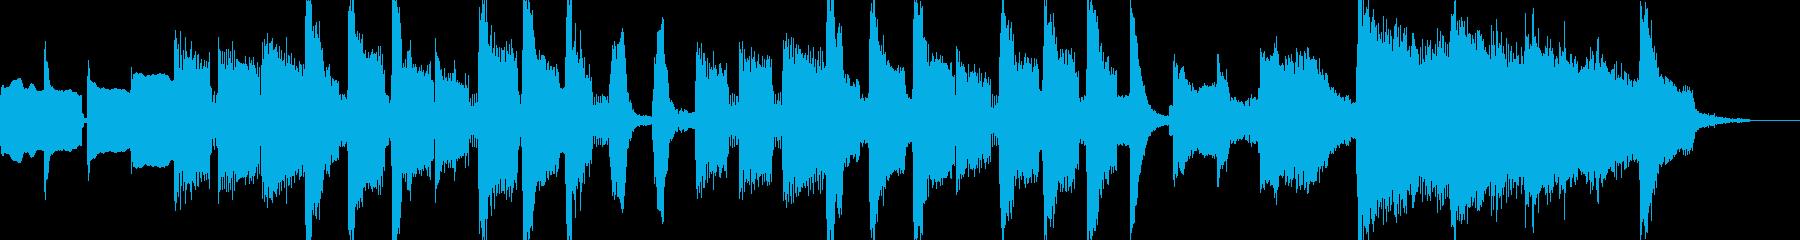 コミカルな15秒CM楽曲。の再生済みの波形